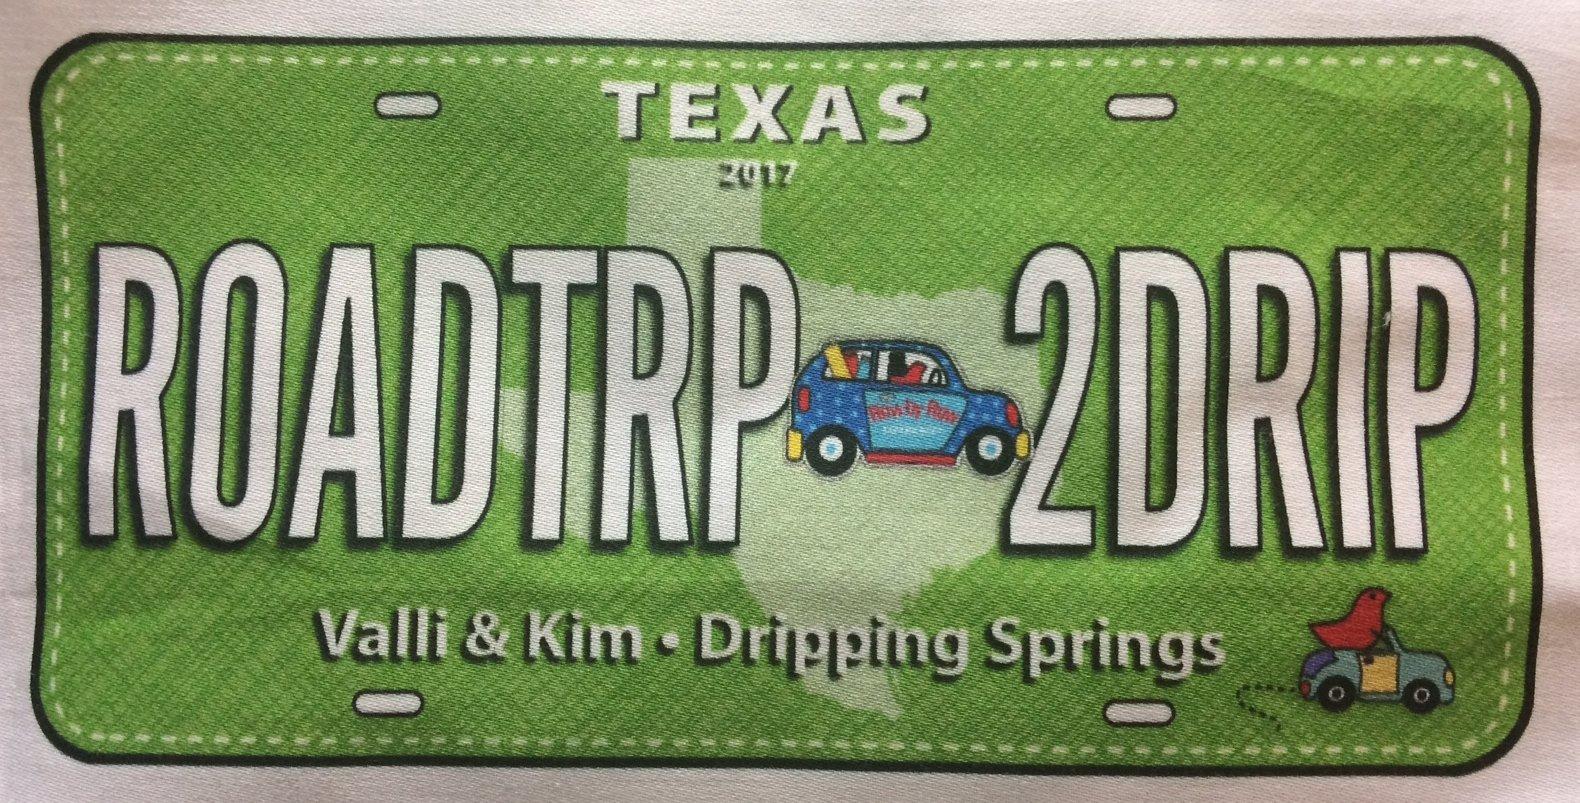 License Plate - ROADTRP 2DRIP (2017)